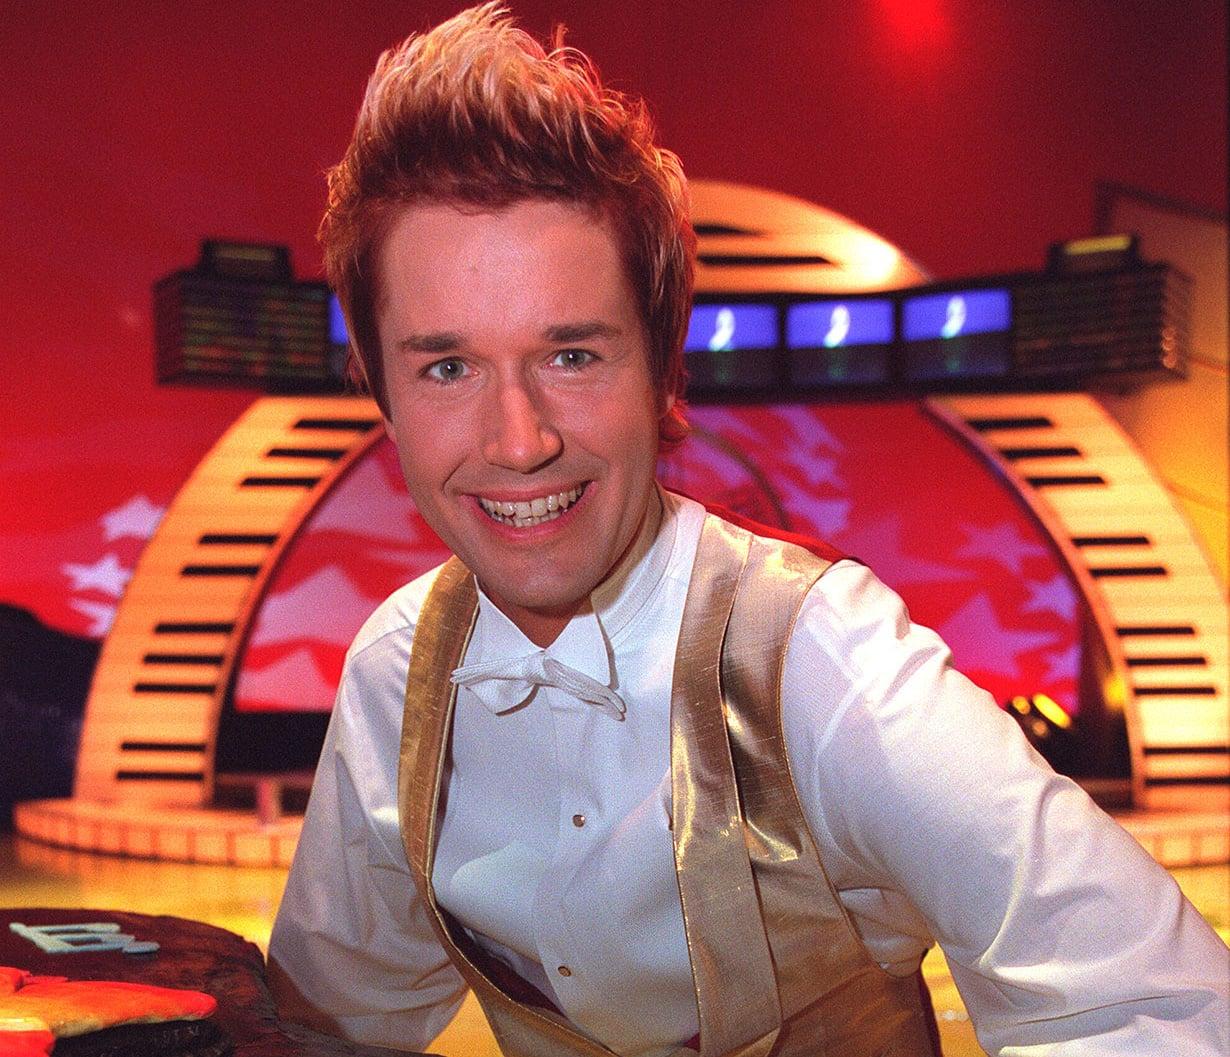 Marco Bjurström vuonna 2001 BumtsiBum-ohjelman 100. juhlajaksossa.